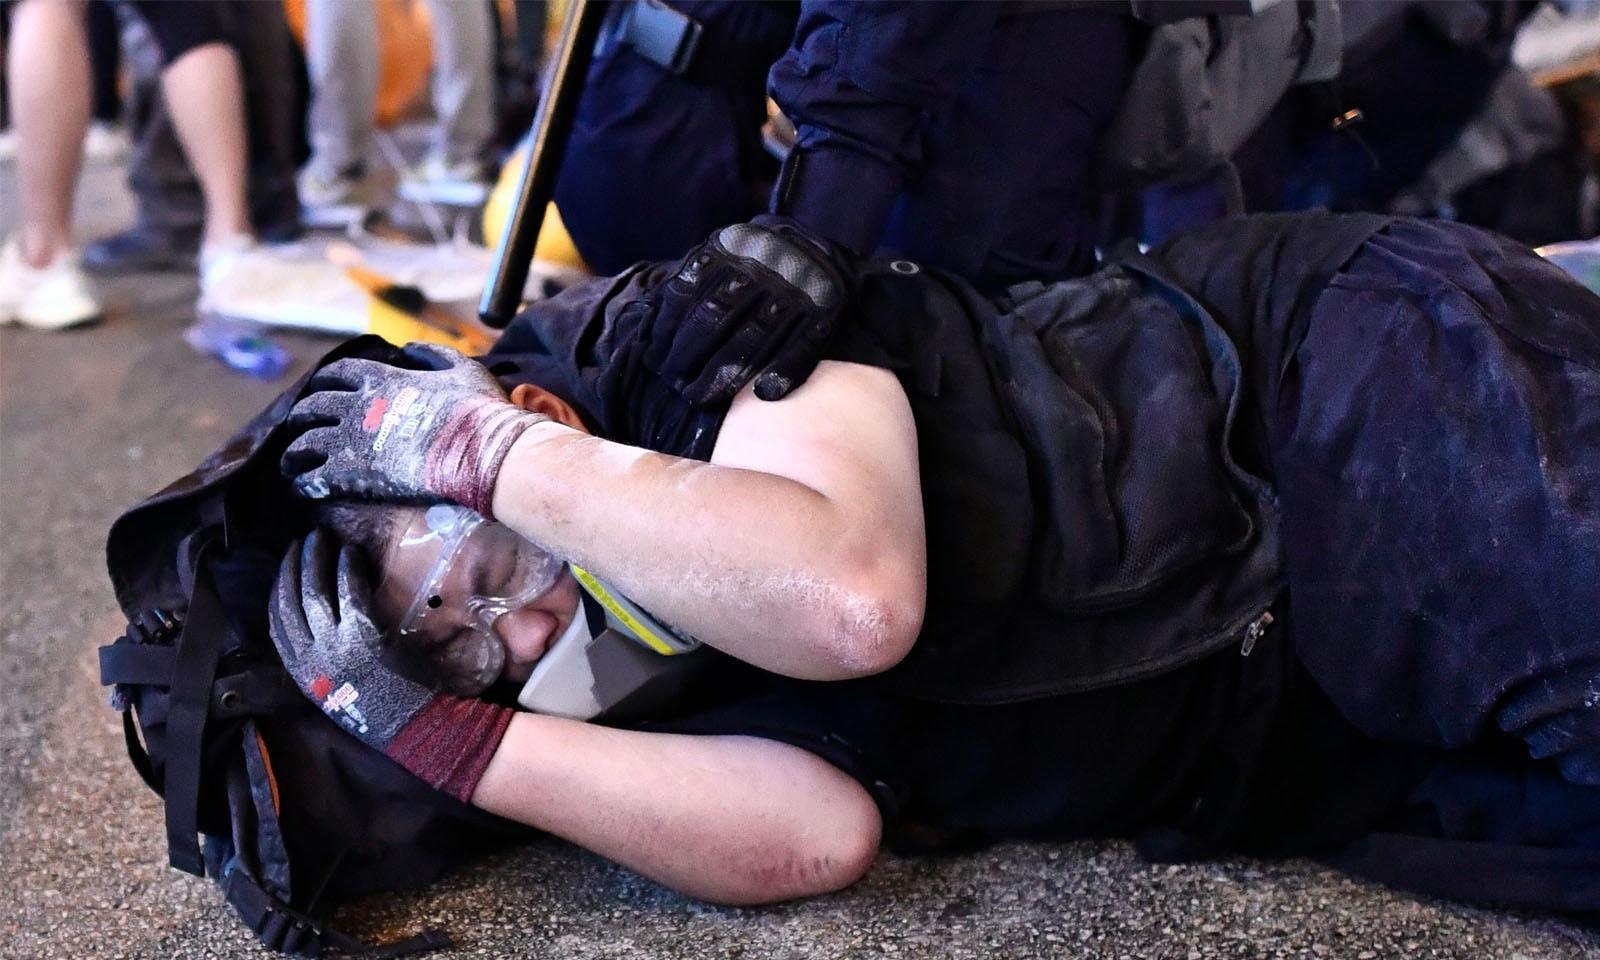 پولیس نے کئی مظاہرین کو حراست میں لے لیا—فوٹو: اےایف پی